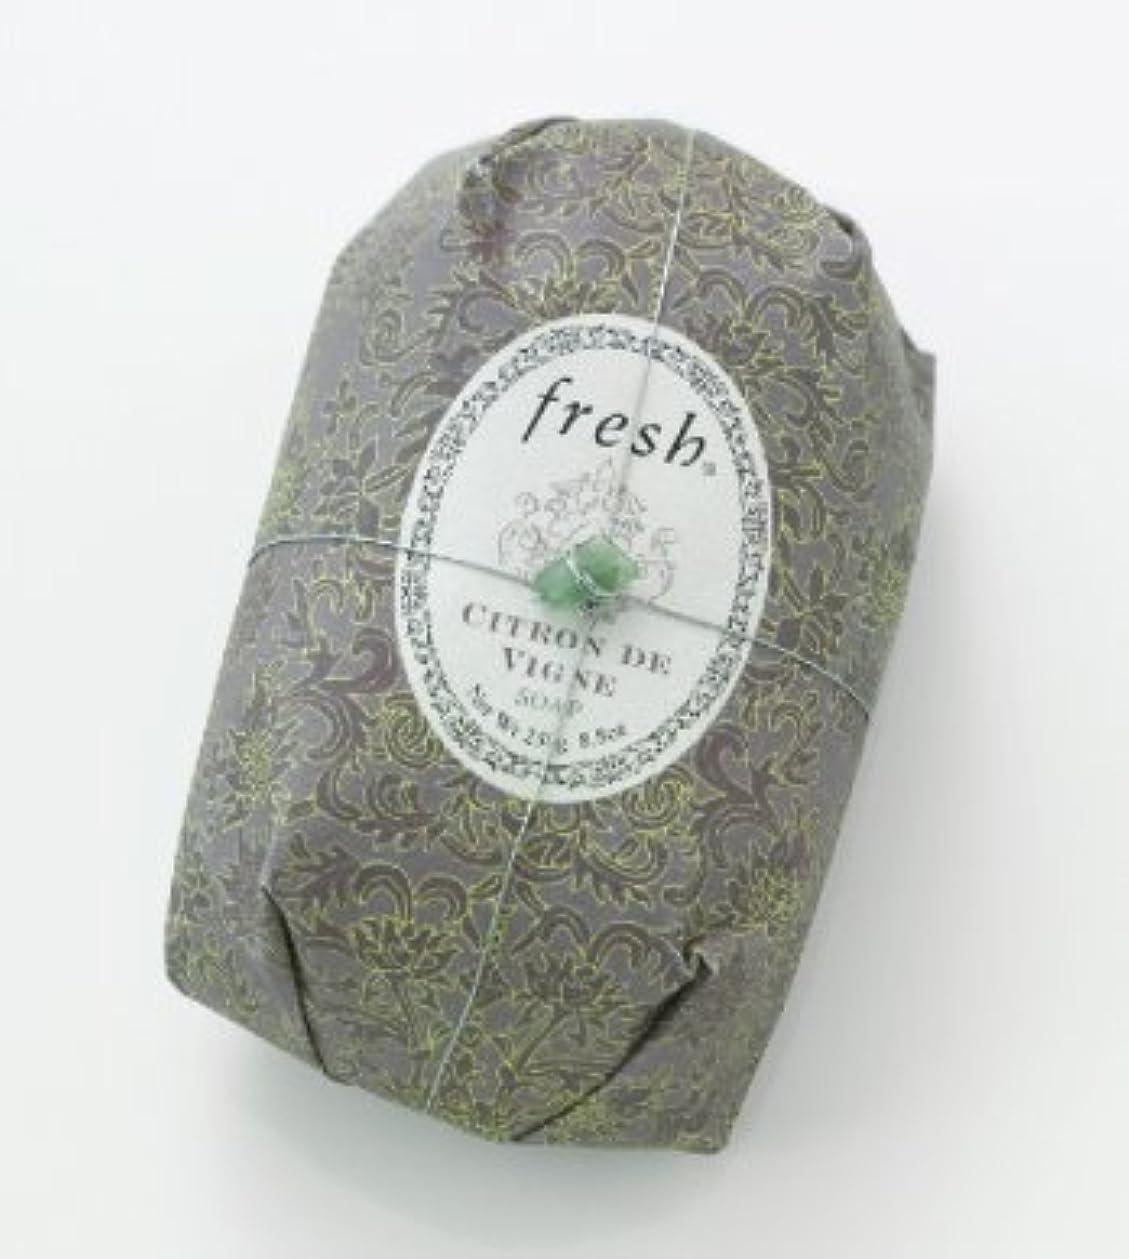 液化する勧める電話に出るFresh CITRON DE VIGNE SOAP (フレッシュ シトロンデヴァイン ソープ) 8.8 oz (250g) Soap (石鹸) by Fresh